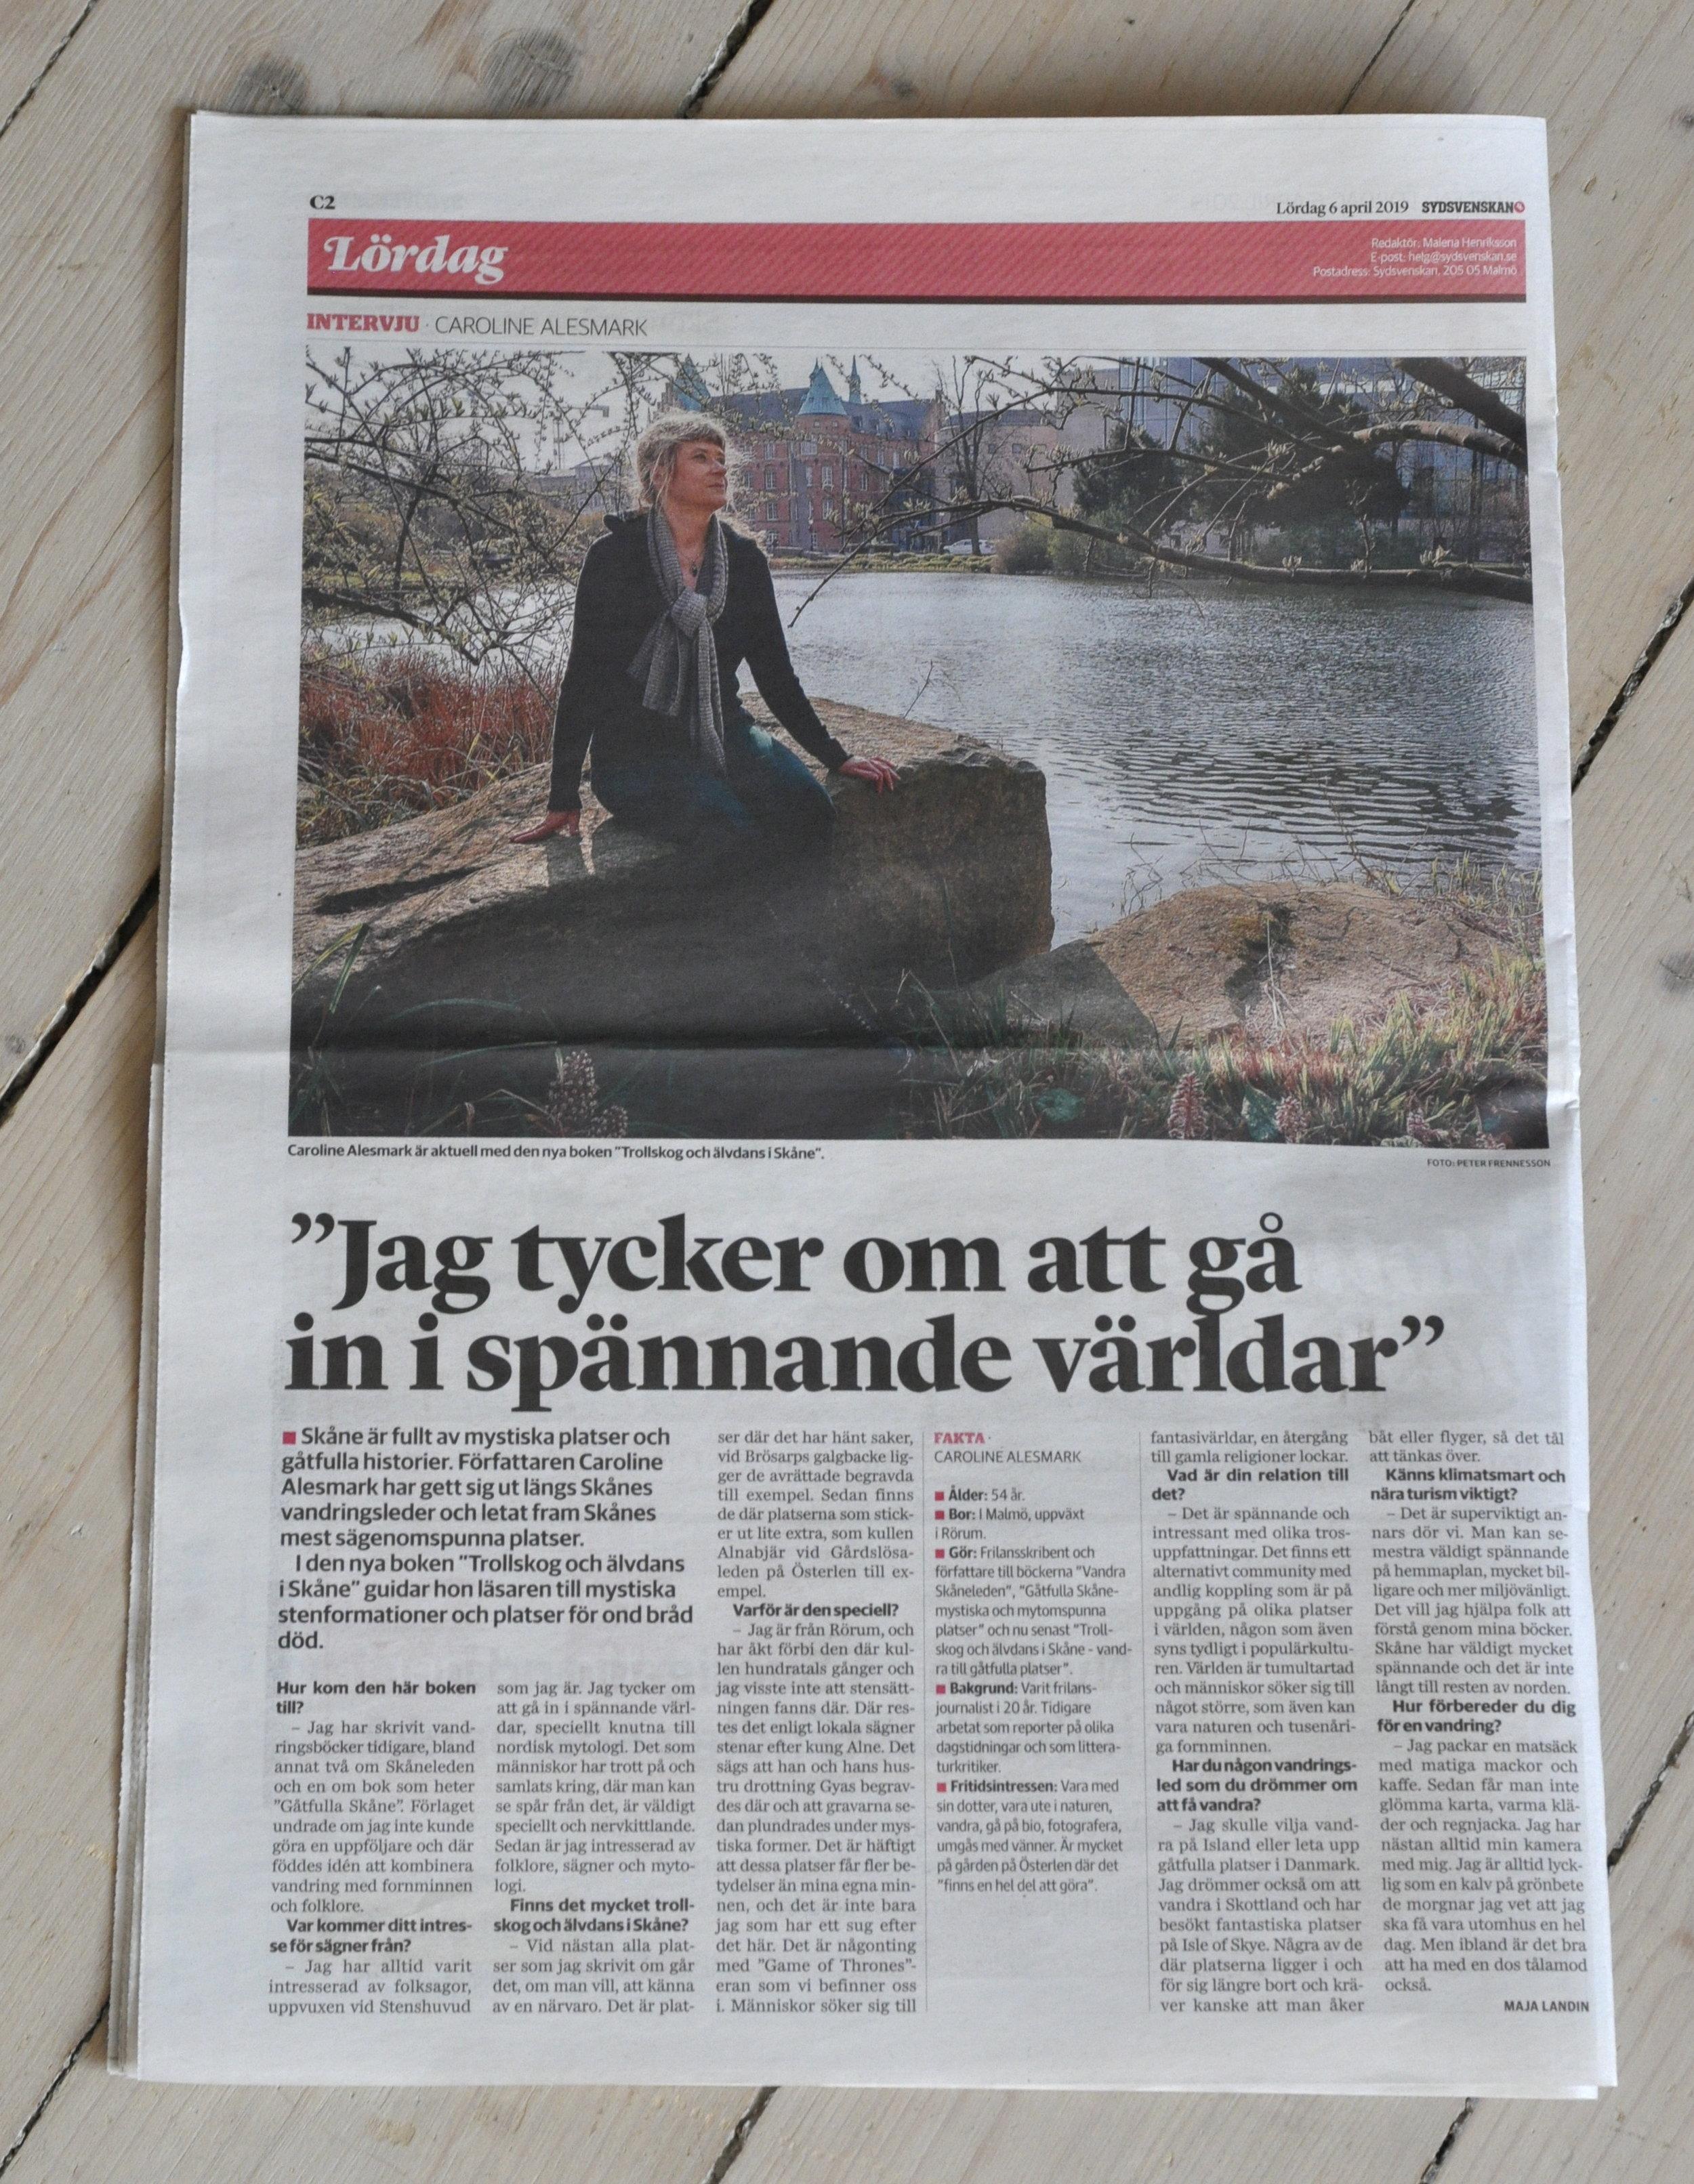 Trollskog Sydsvenskan 2019.jpg